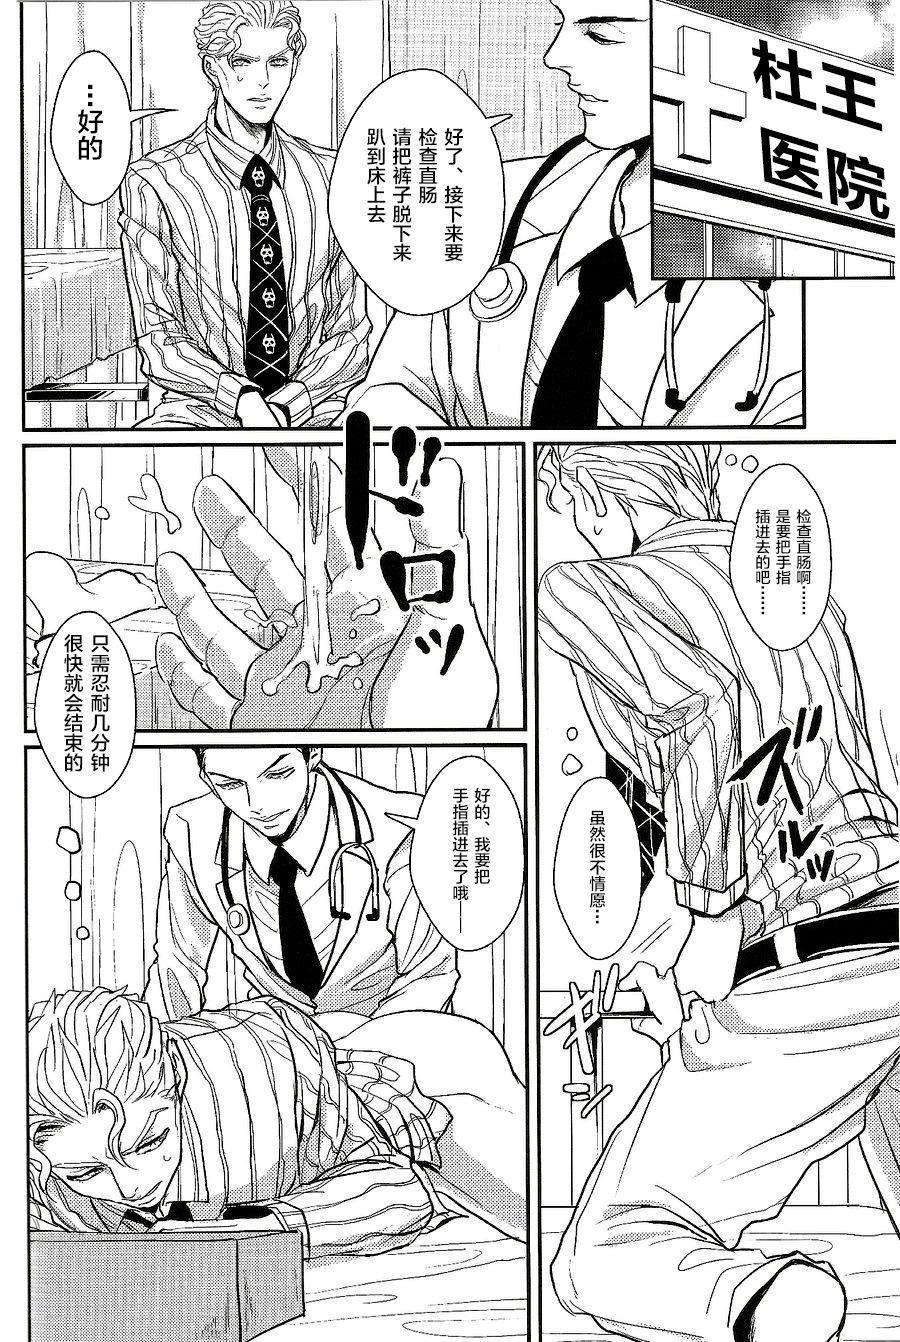 (C86) [Last Crime (U)] Jimoto de Itazura 4-renpatsu! Mori○chou de Mitsuketa S-kyuu Ryman Kira Yoshikage (33) (JoJo's Bizarre Adventure) [Chinese] [新桥月白日语社] 4